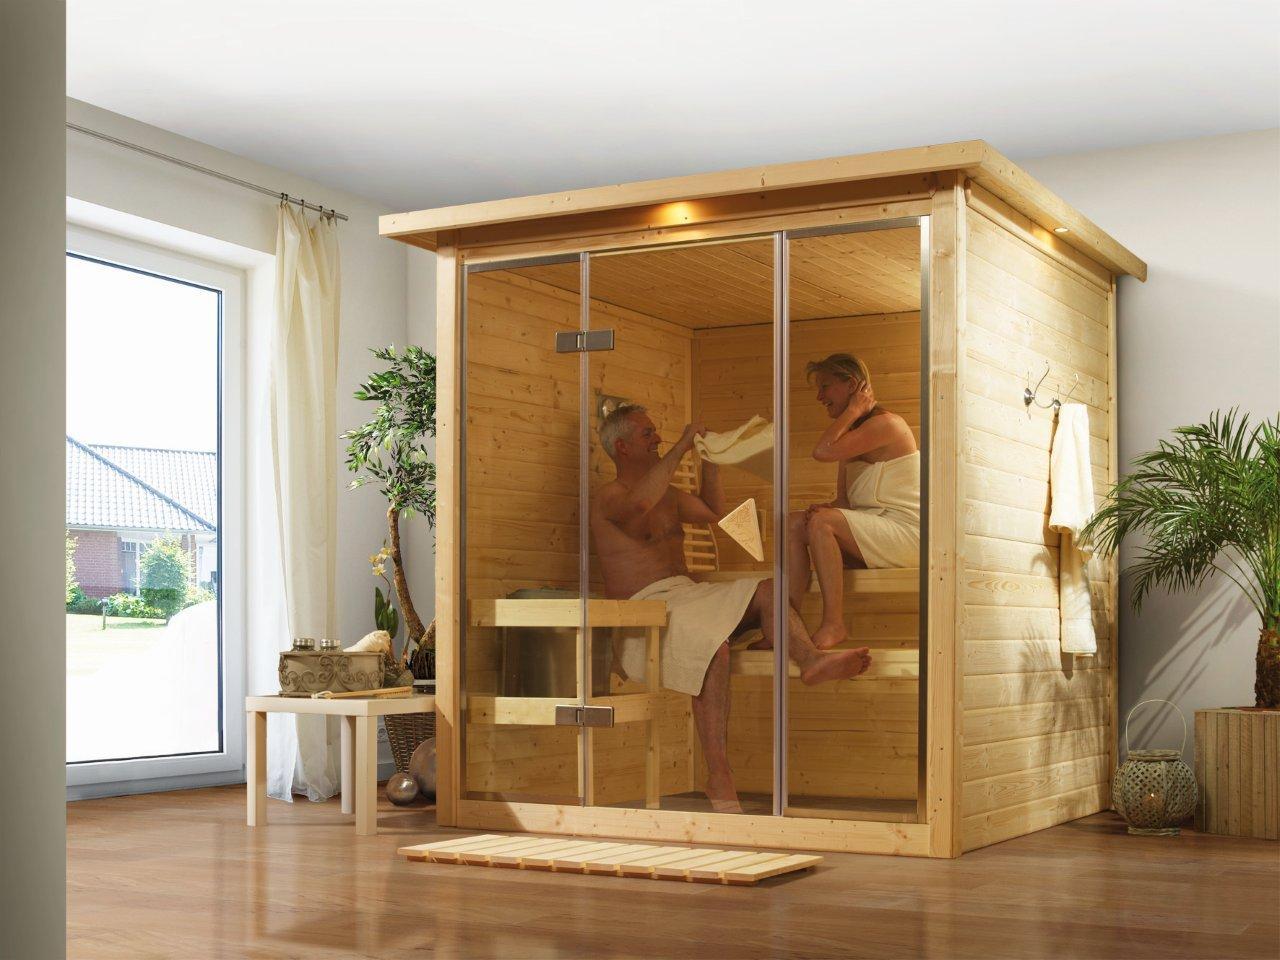 karibu sauna alabasta 1 221 x 165 cm 40mm wandst rke. Black Bedroom Furniture Sets. Home Design Ideas